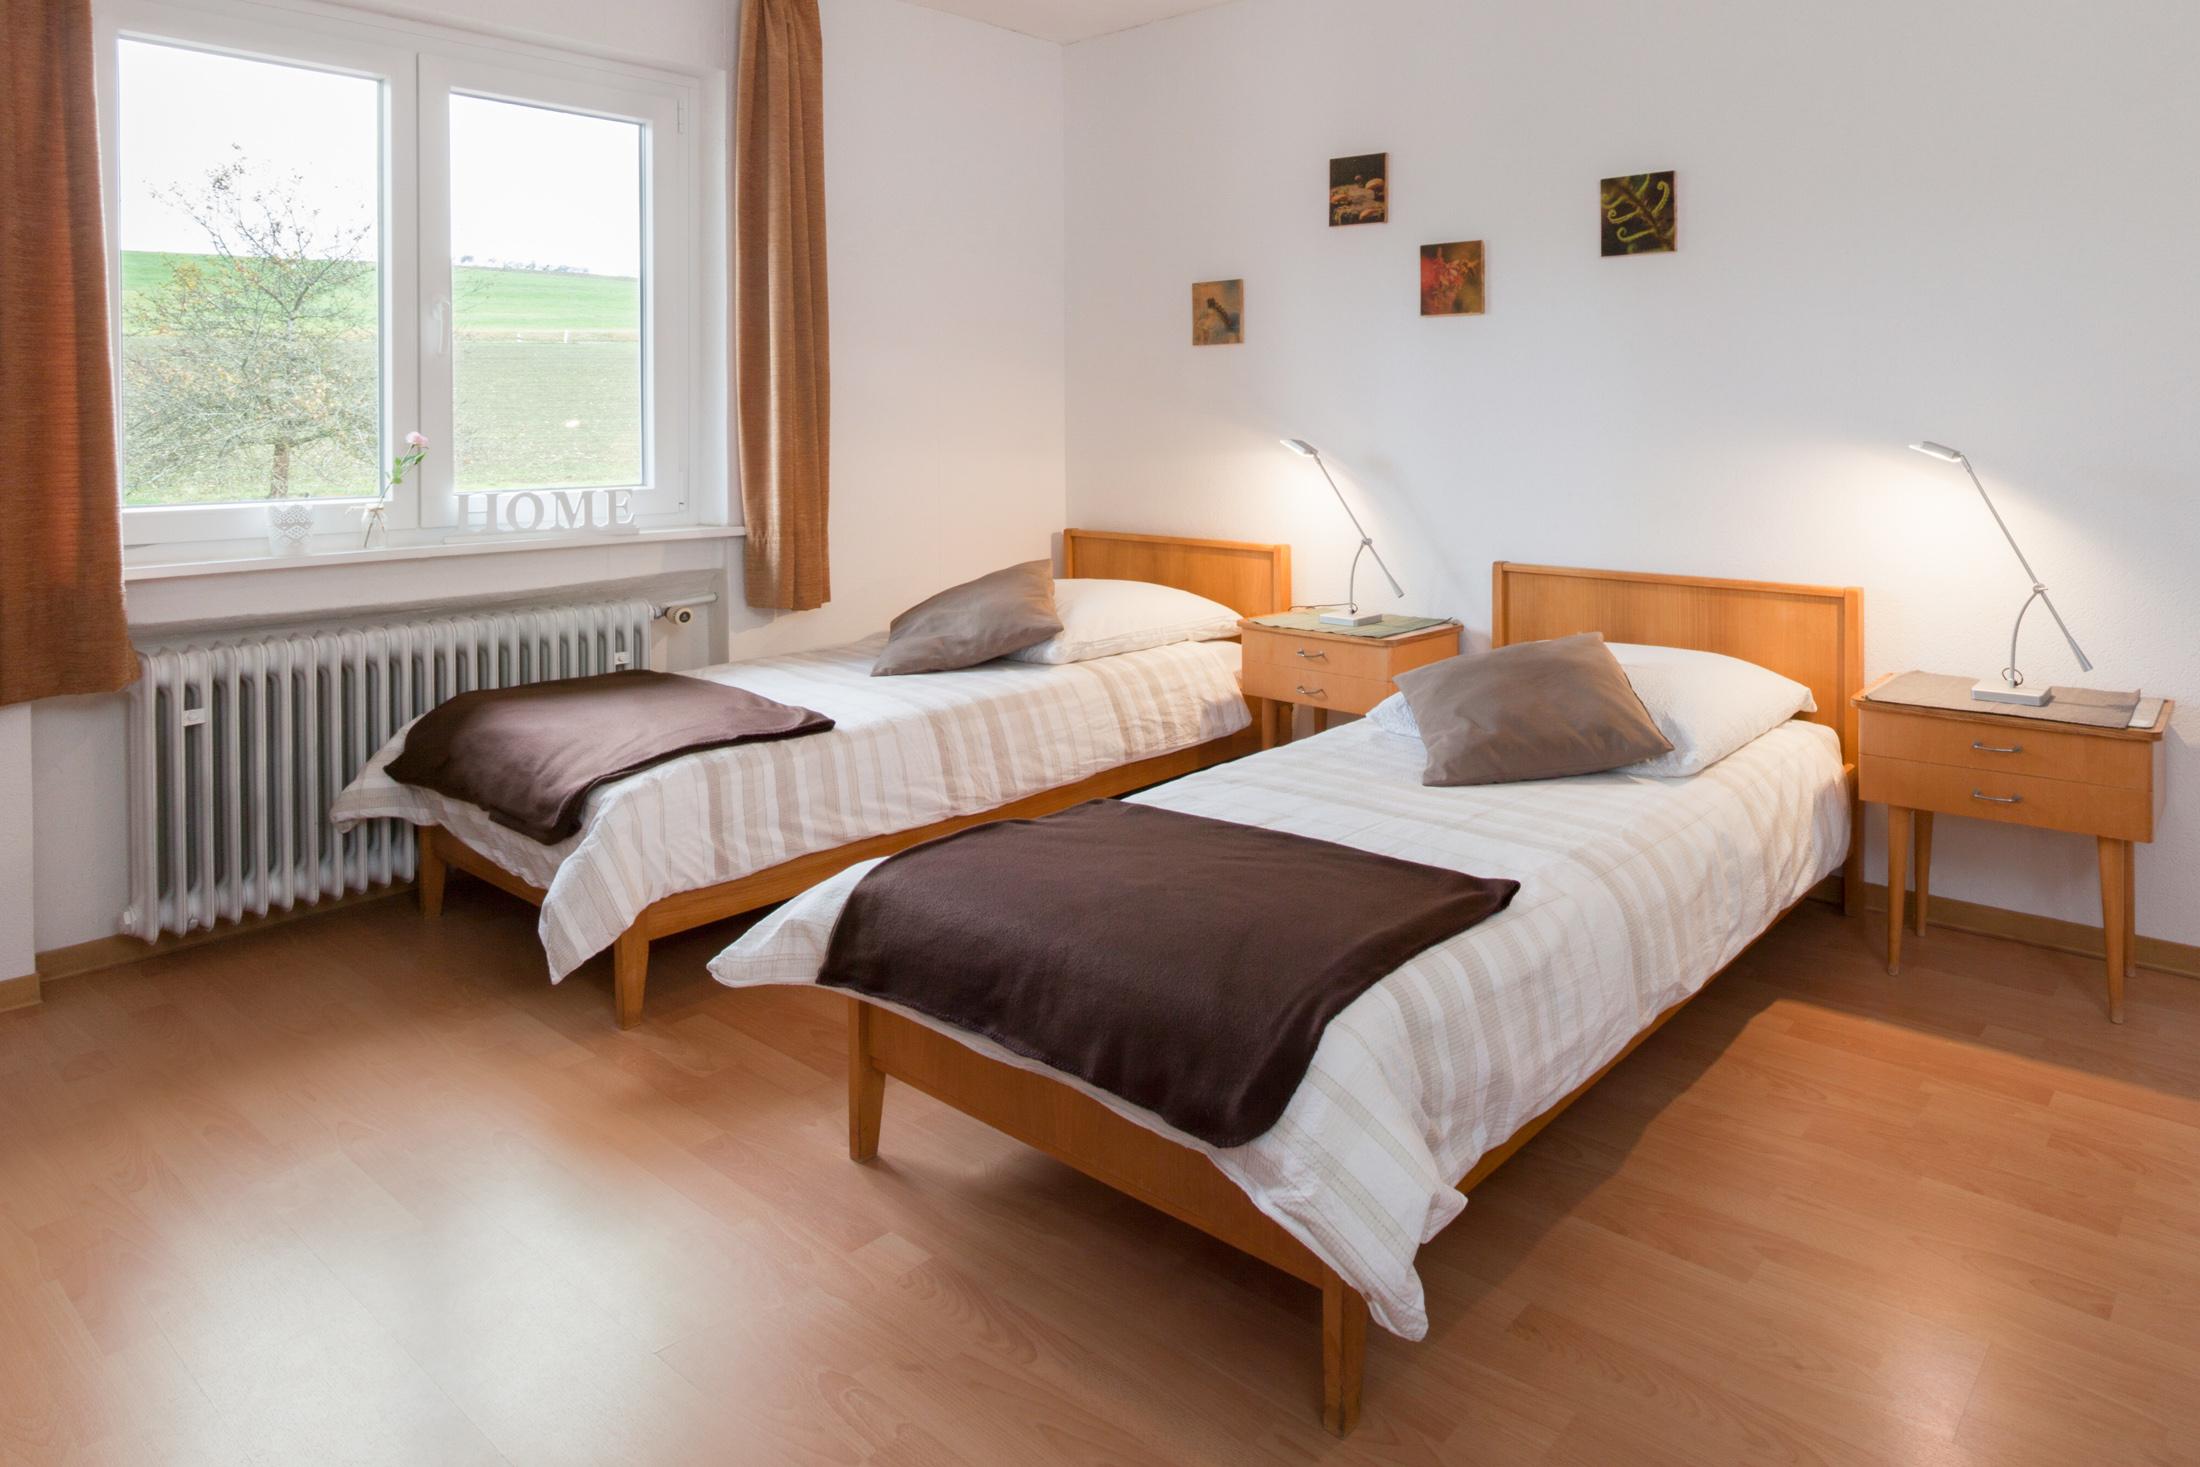 Doppelzimmer mit Twin Bett (90x200) #8 / Gemeinschaftsbad auf der Etage